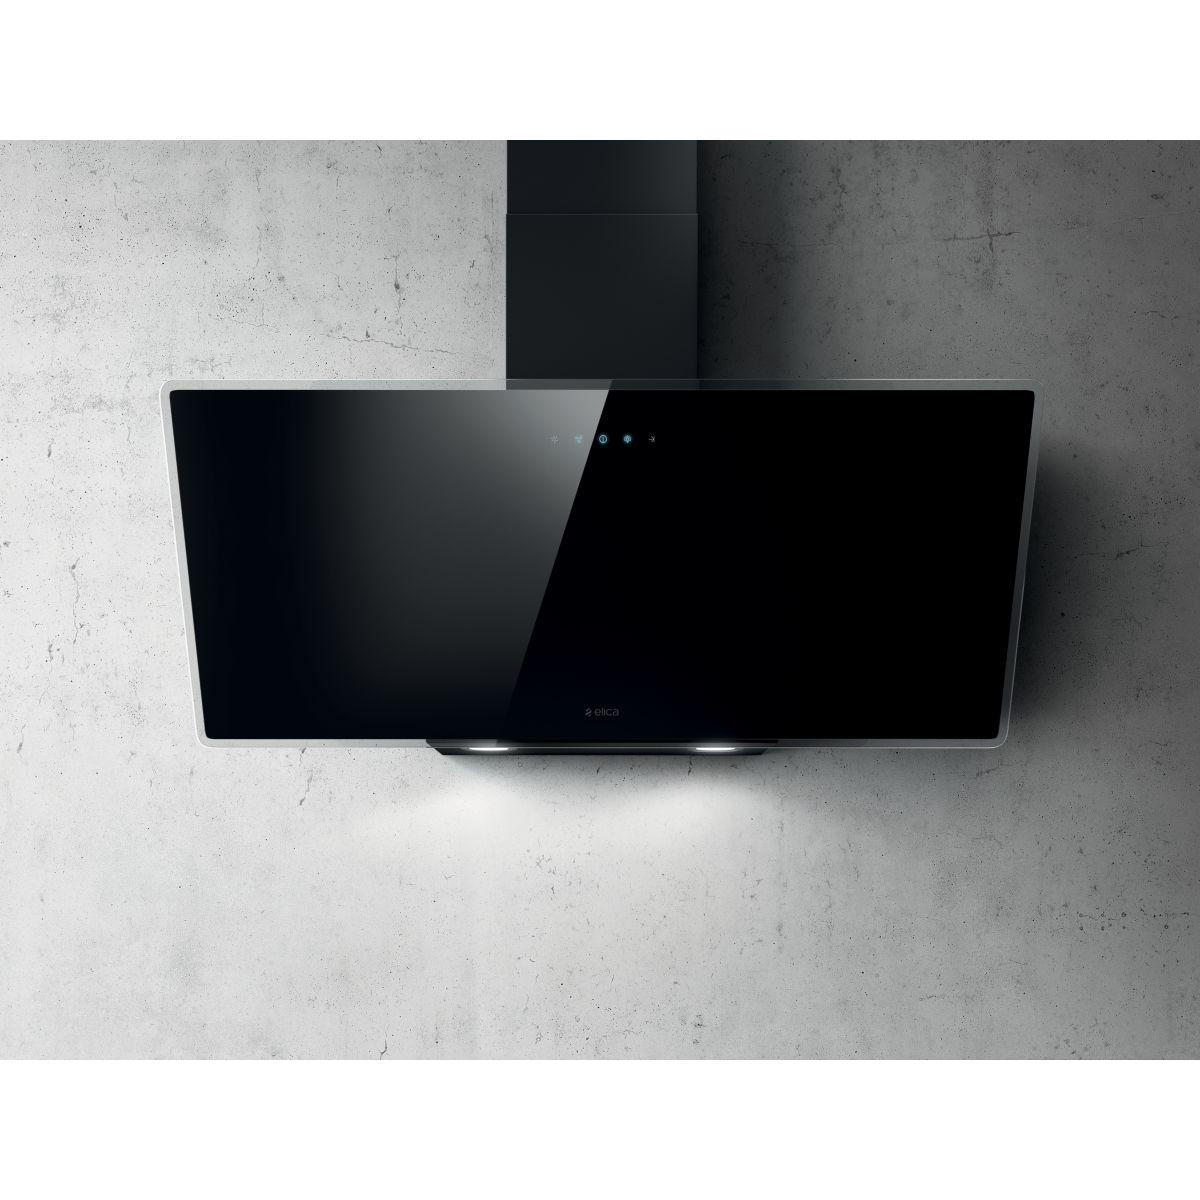 hotte elica d corative. Black Bedroom Furniture Sets. Home Design Ideas